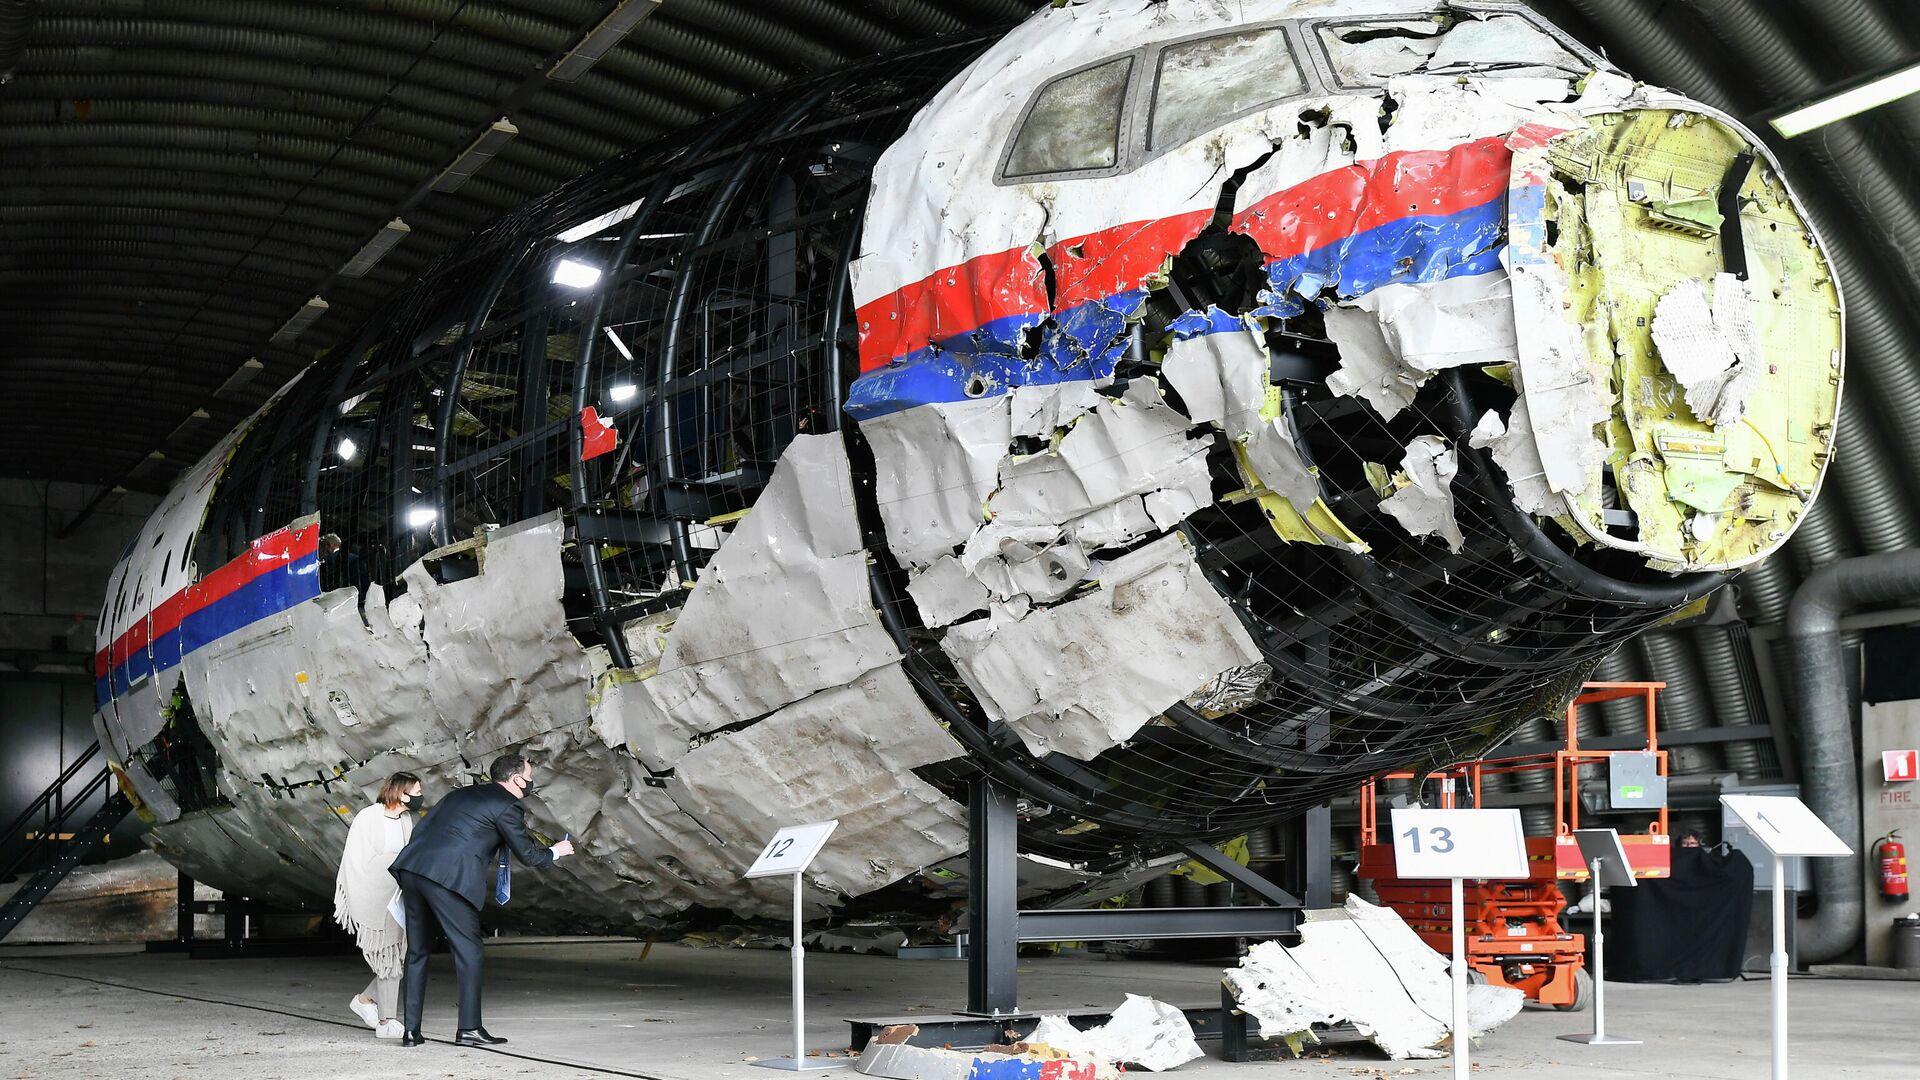 Реконструированные обломки рейса MH17 авиакомпании Malaysia Airlines на авиабазе Гильзе-Рейен, Нидерланды - РИА Новости, 1920, 16.06.2021